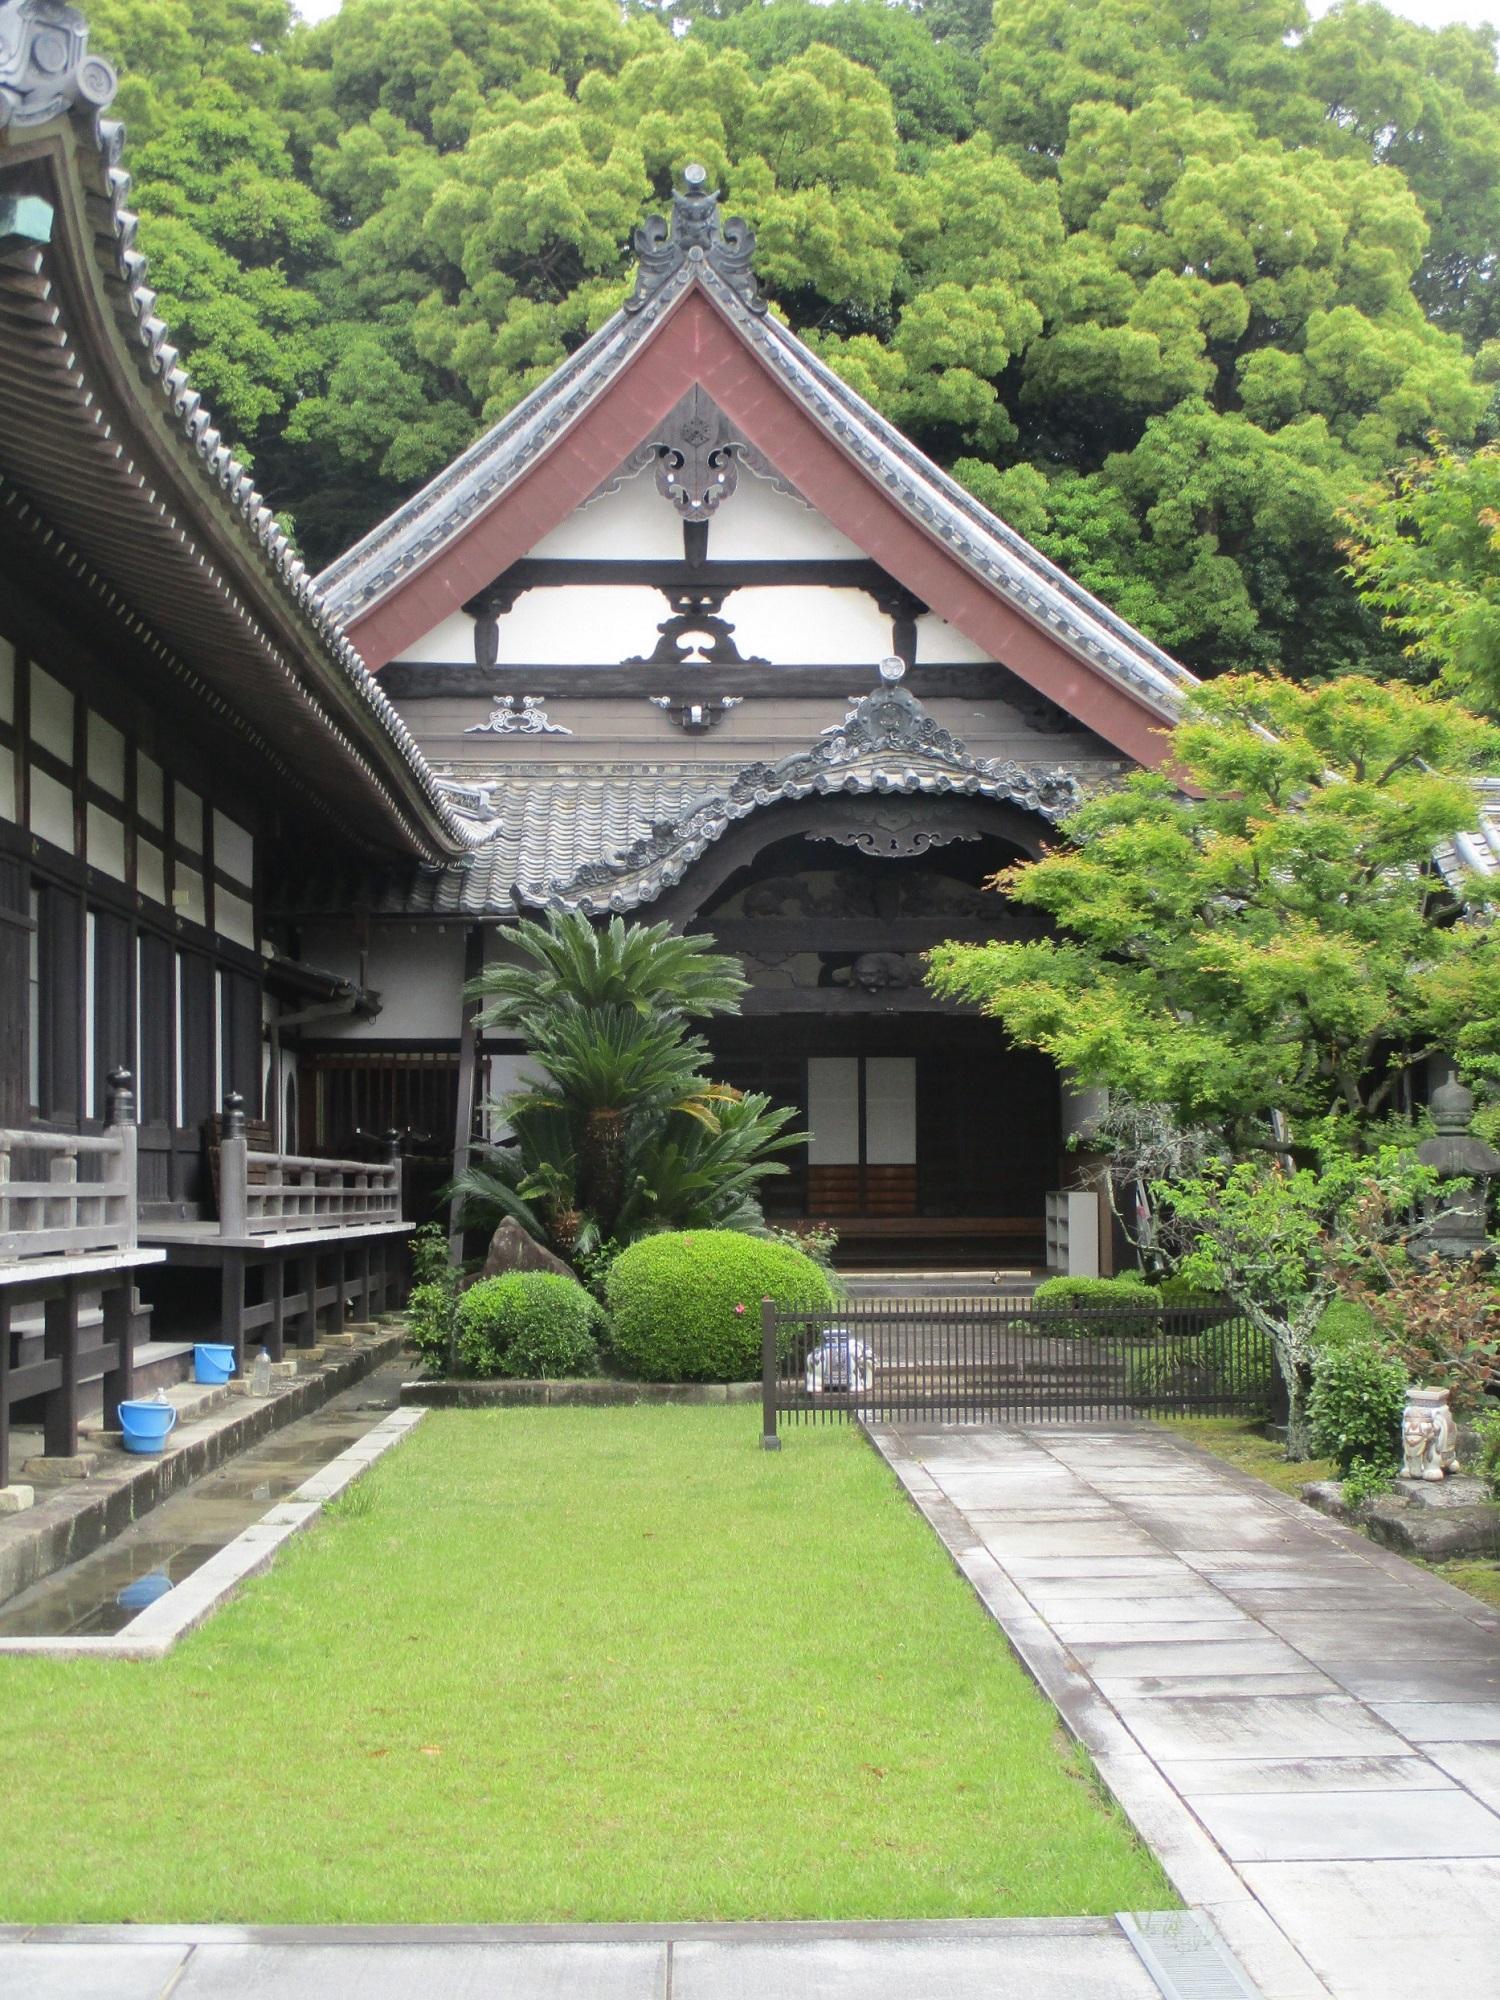 2020.5.19 (10) 随念寺 - 書院 1500-2000